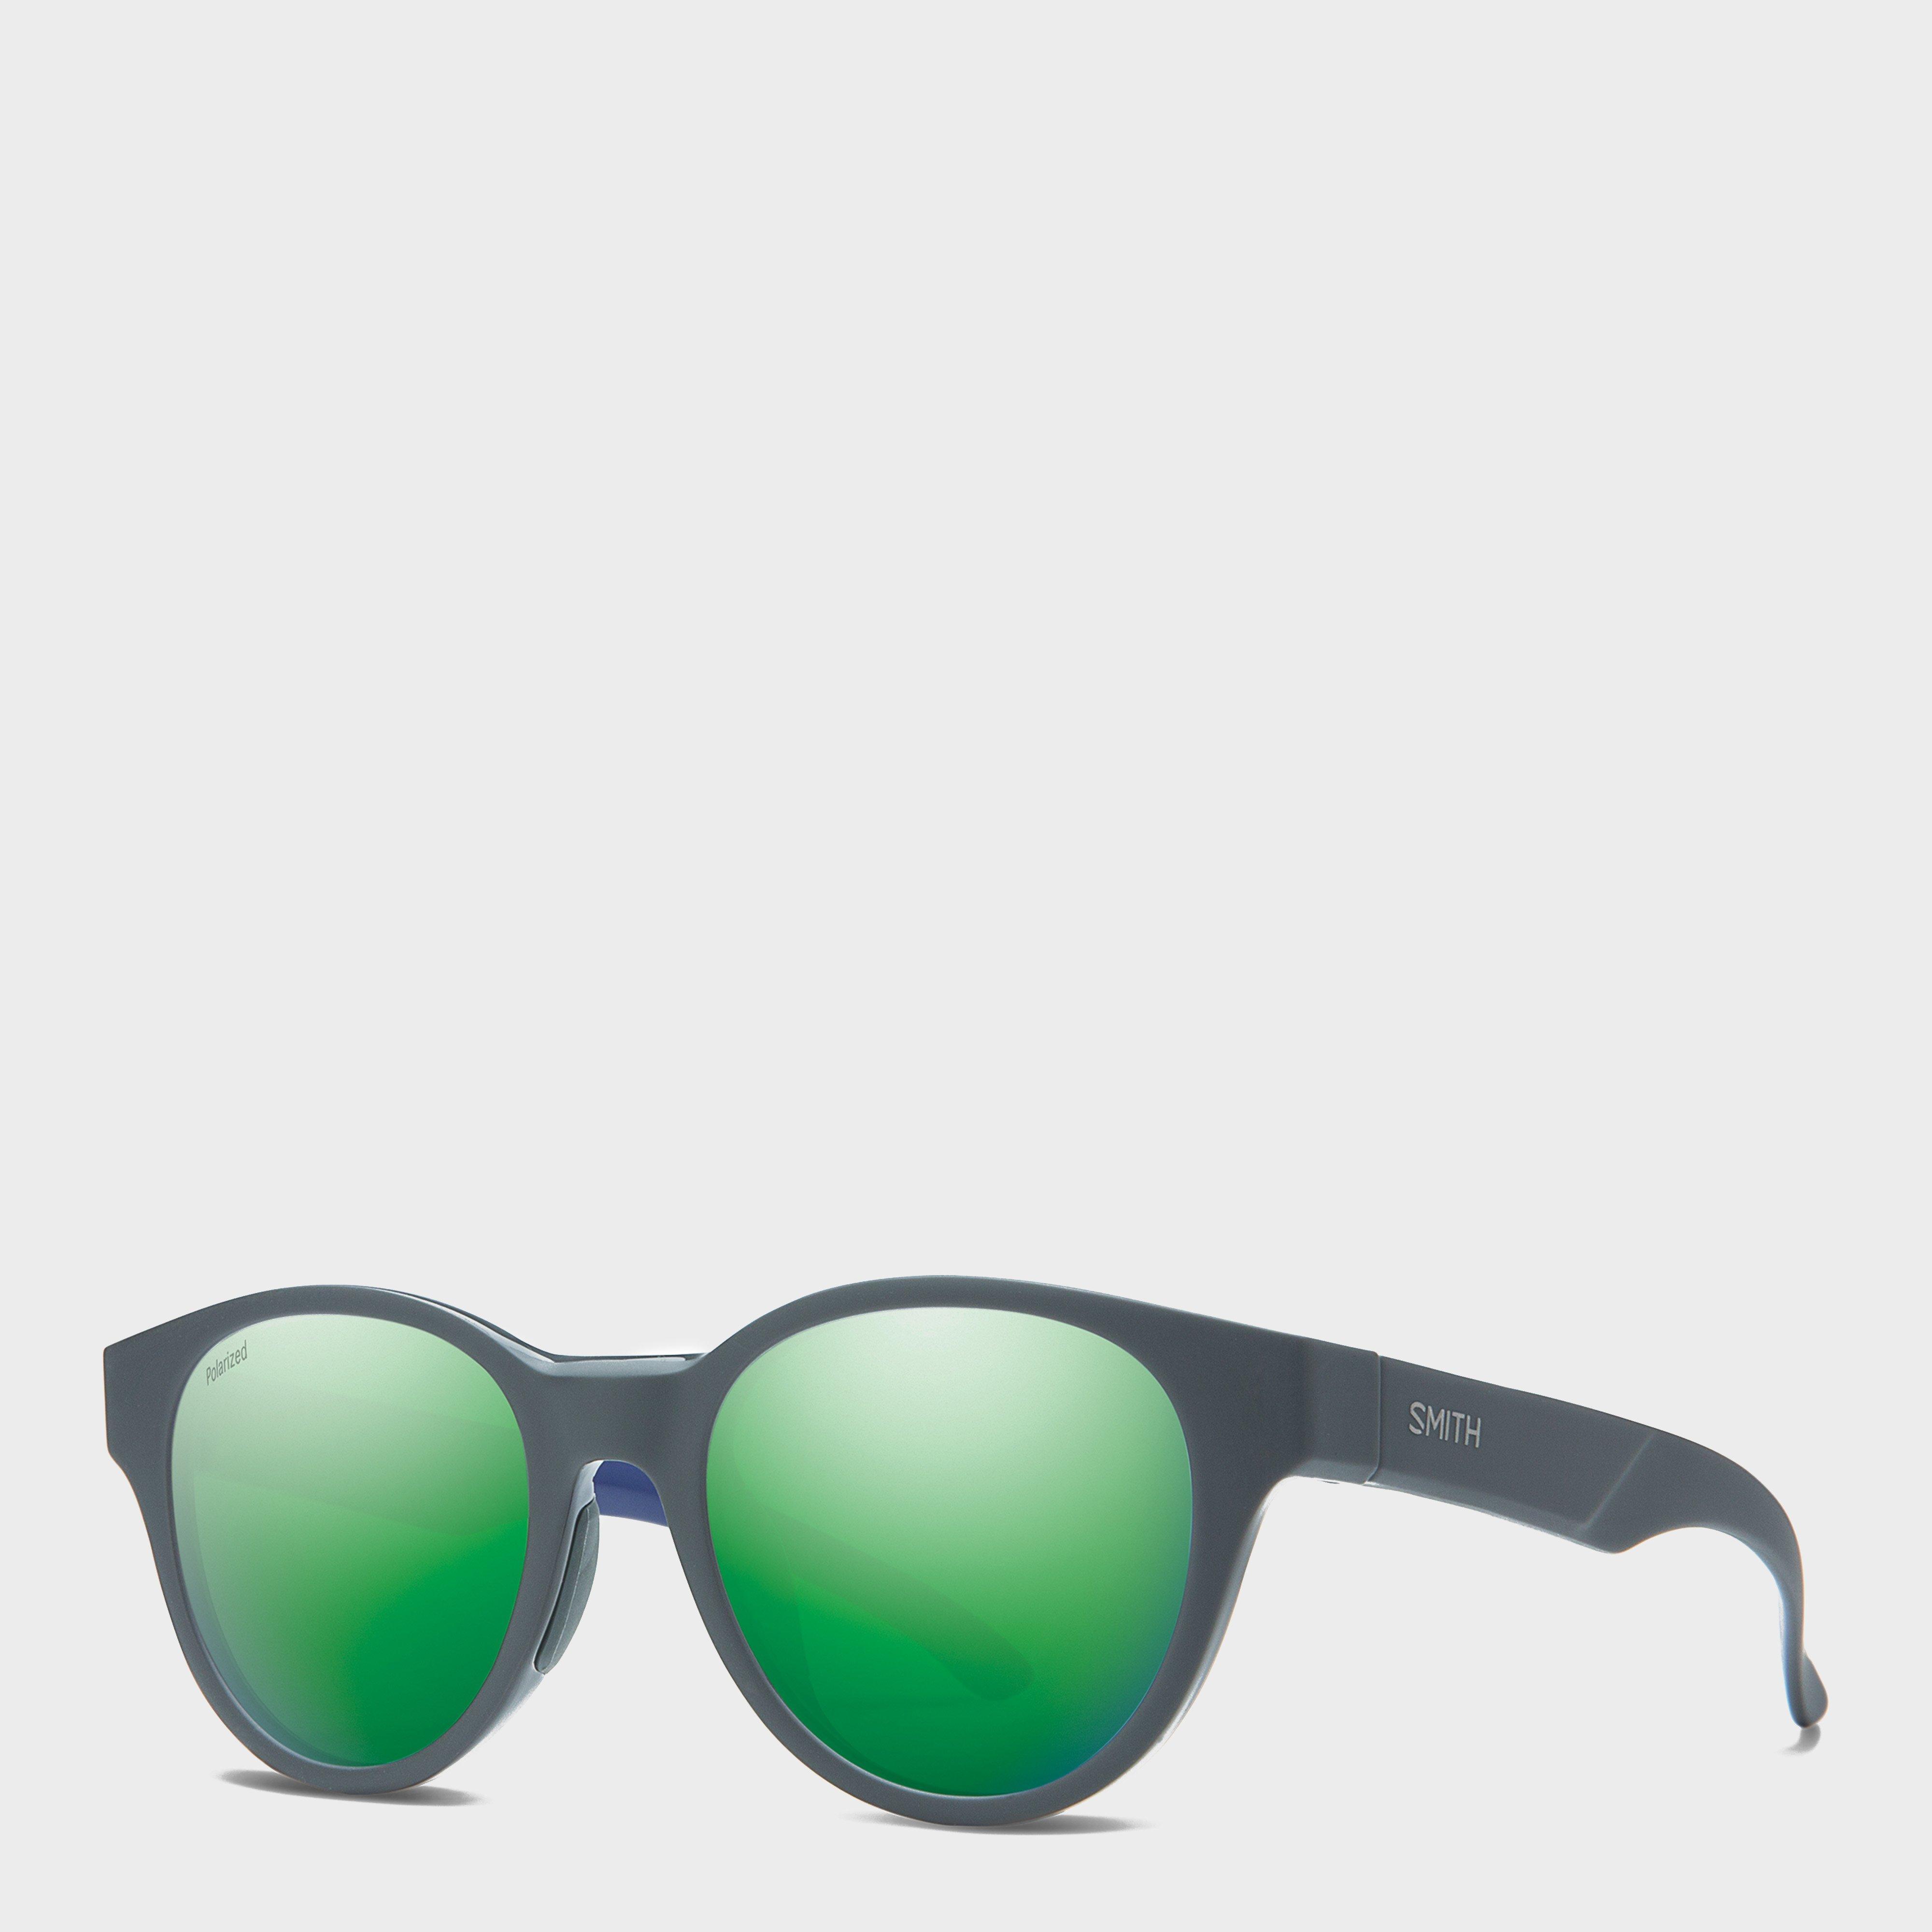 Smith Men's Snare Sunglasses, Grey